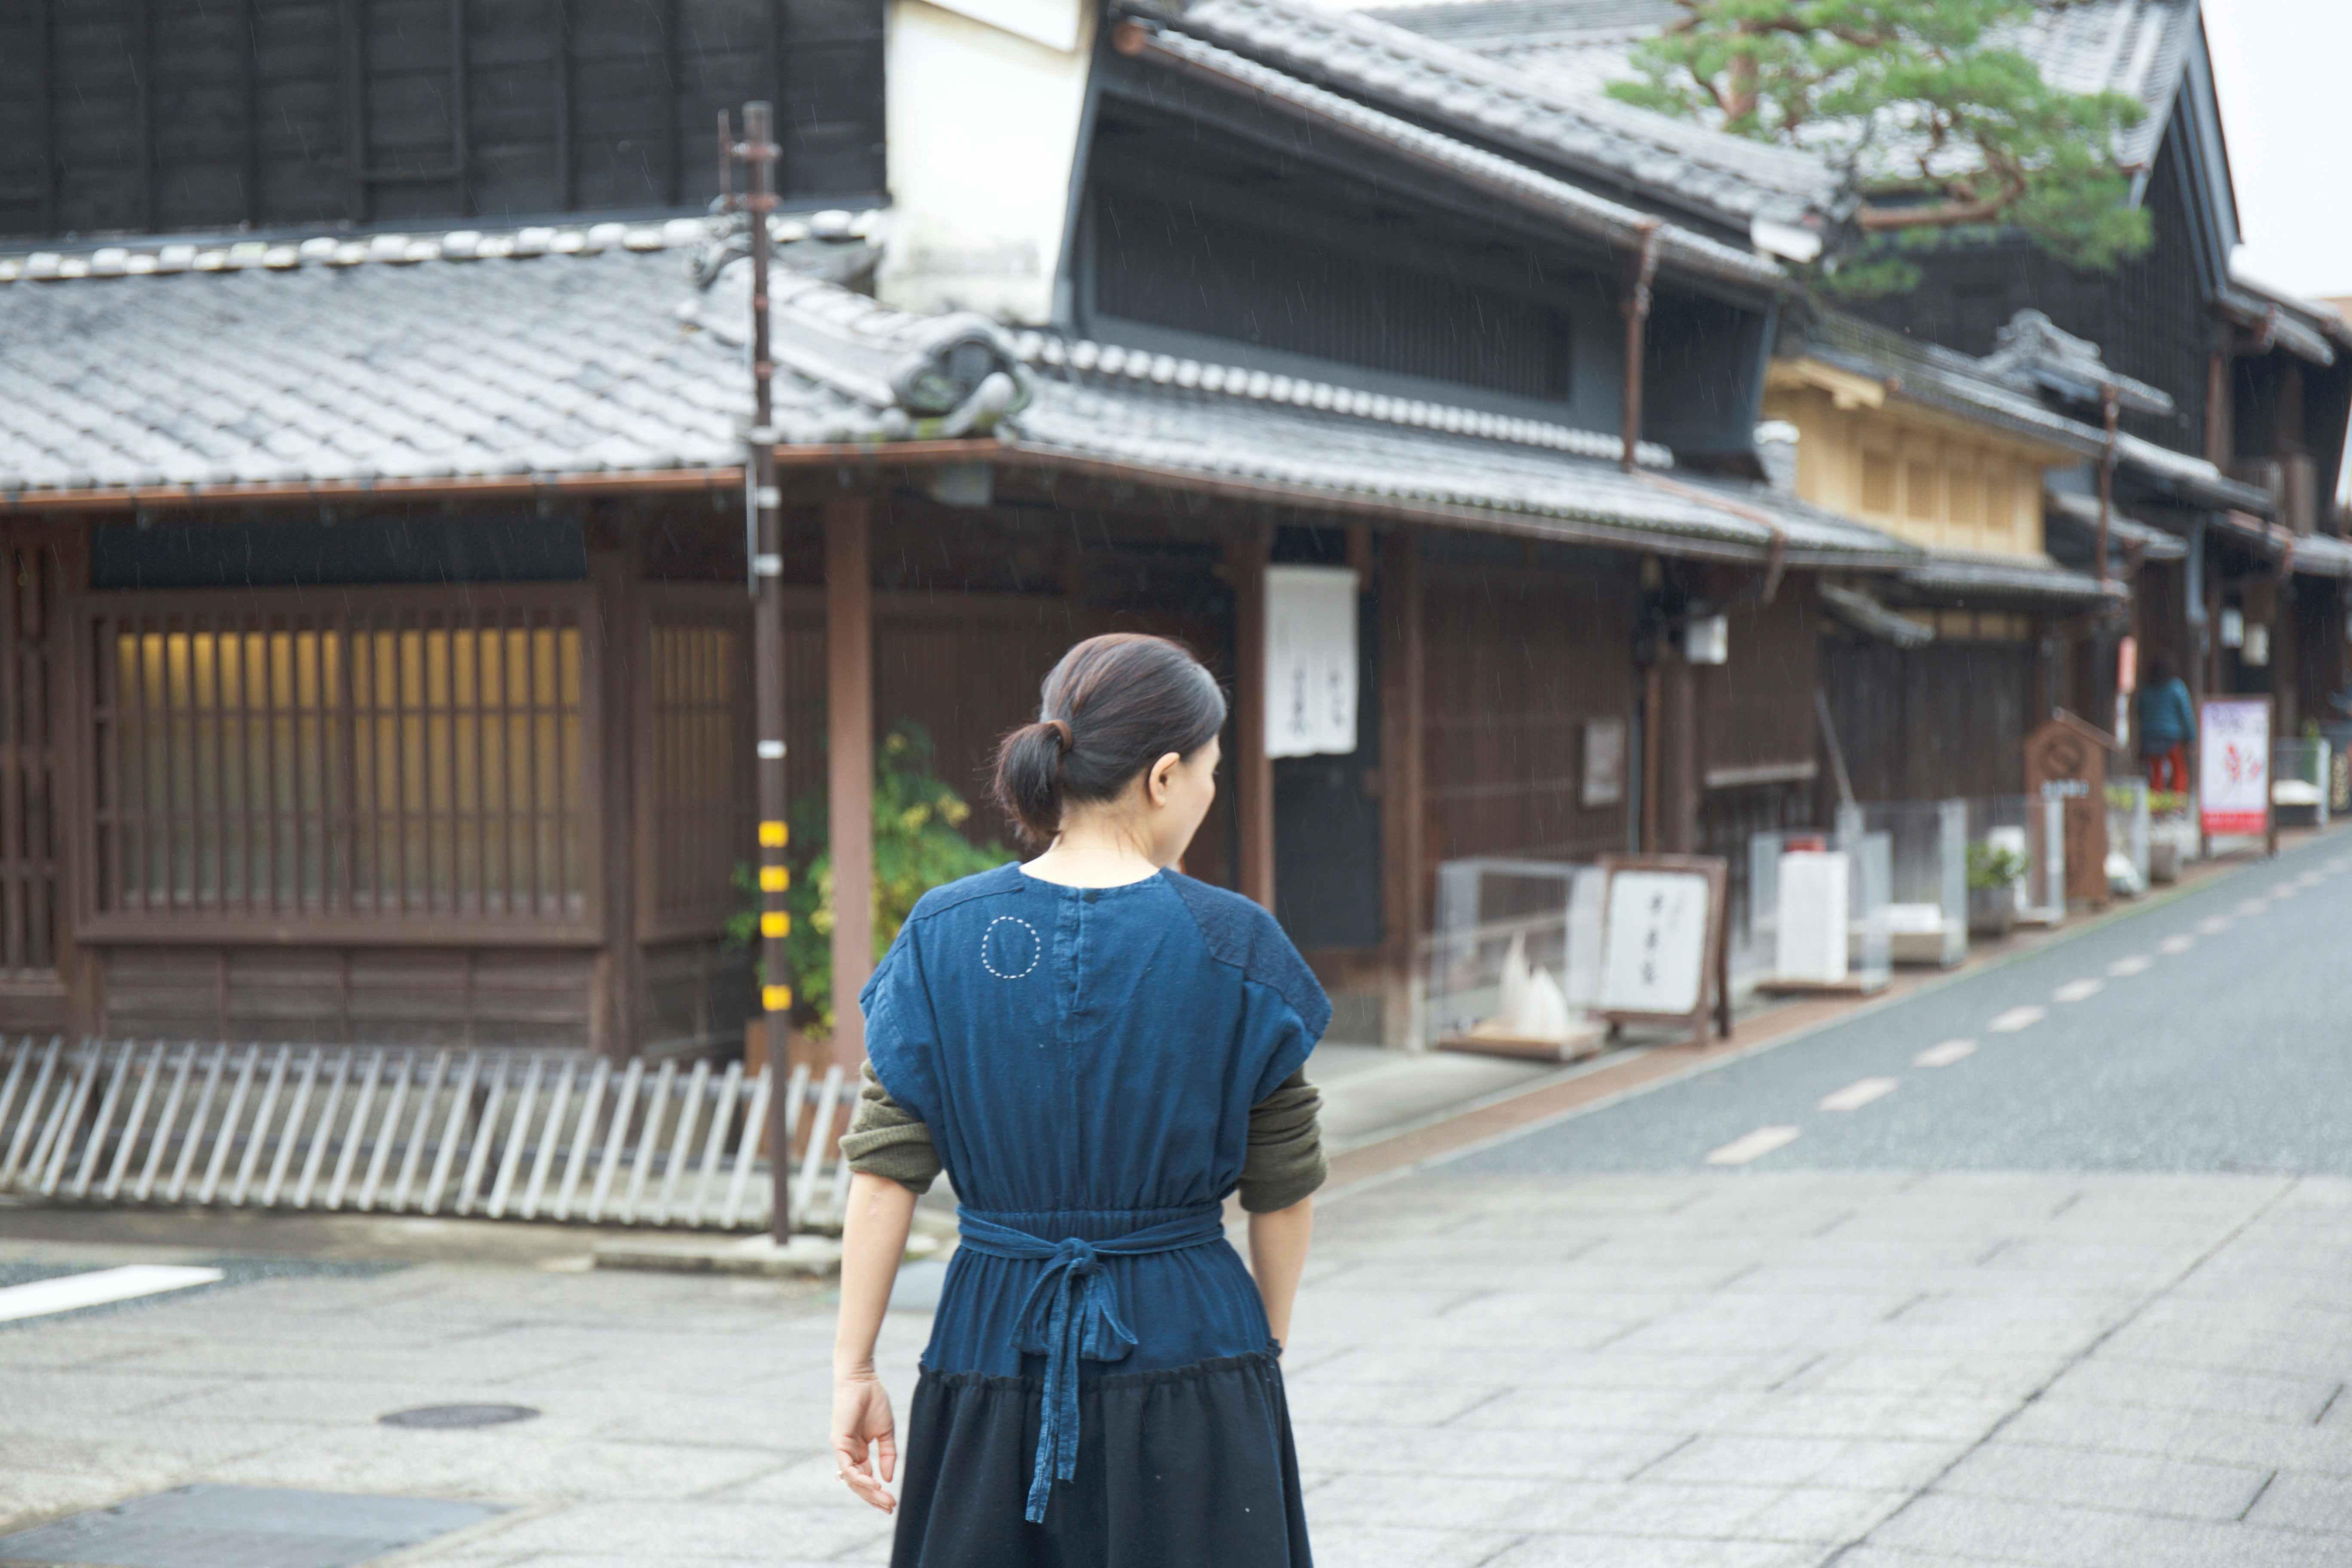 著書『あたらしい移住のカタチ』より、岐阜県の美濃に移住した服部みれいさん